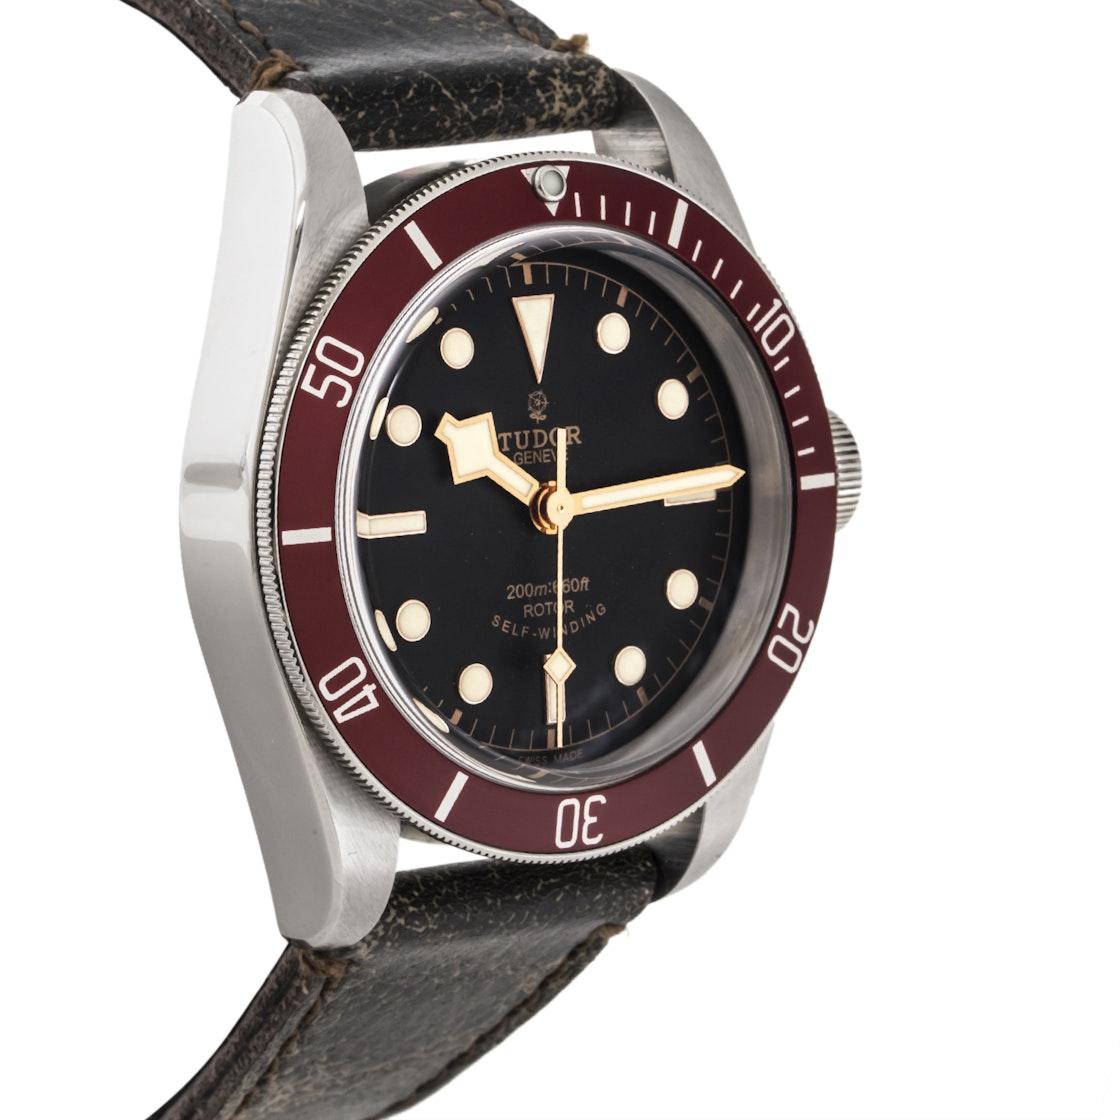 Tudor Black Bay Heritage 7922OR